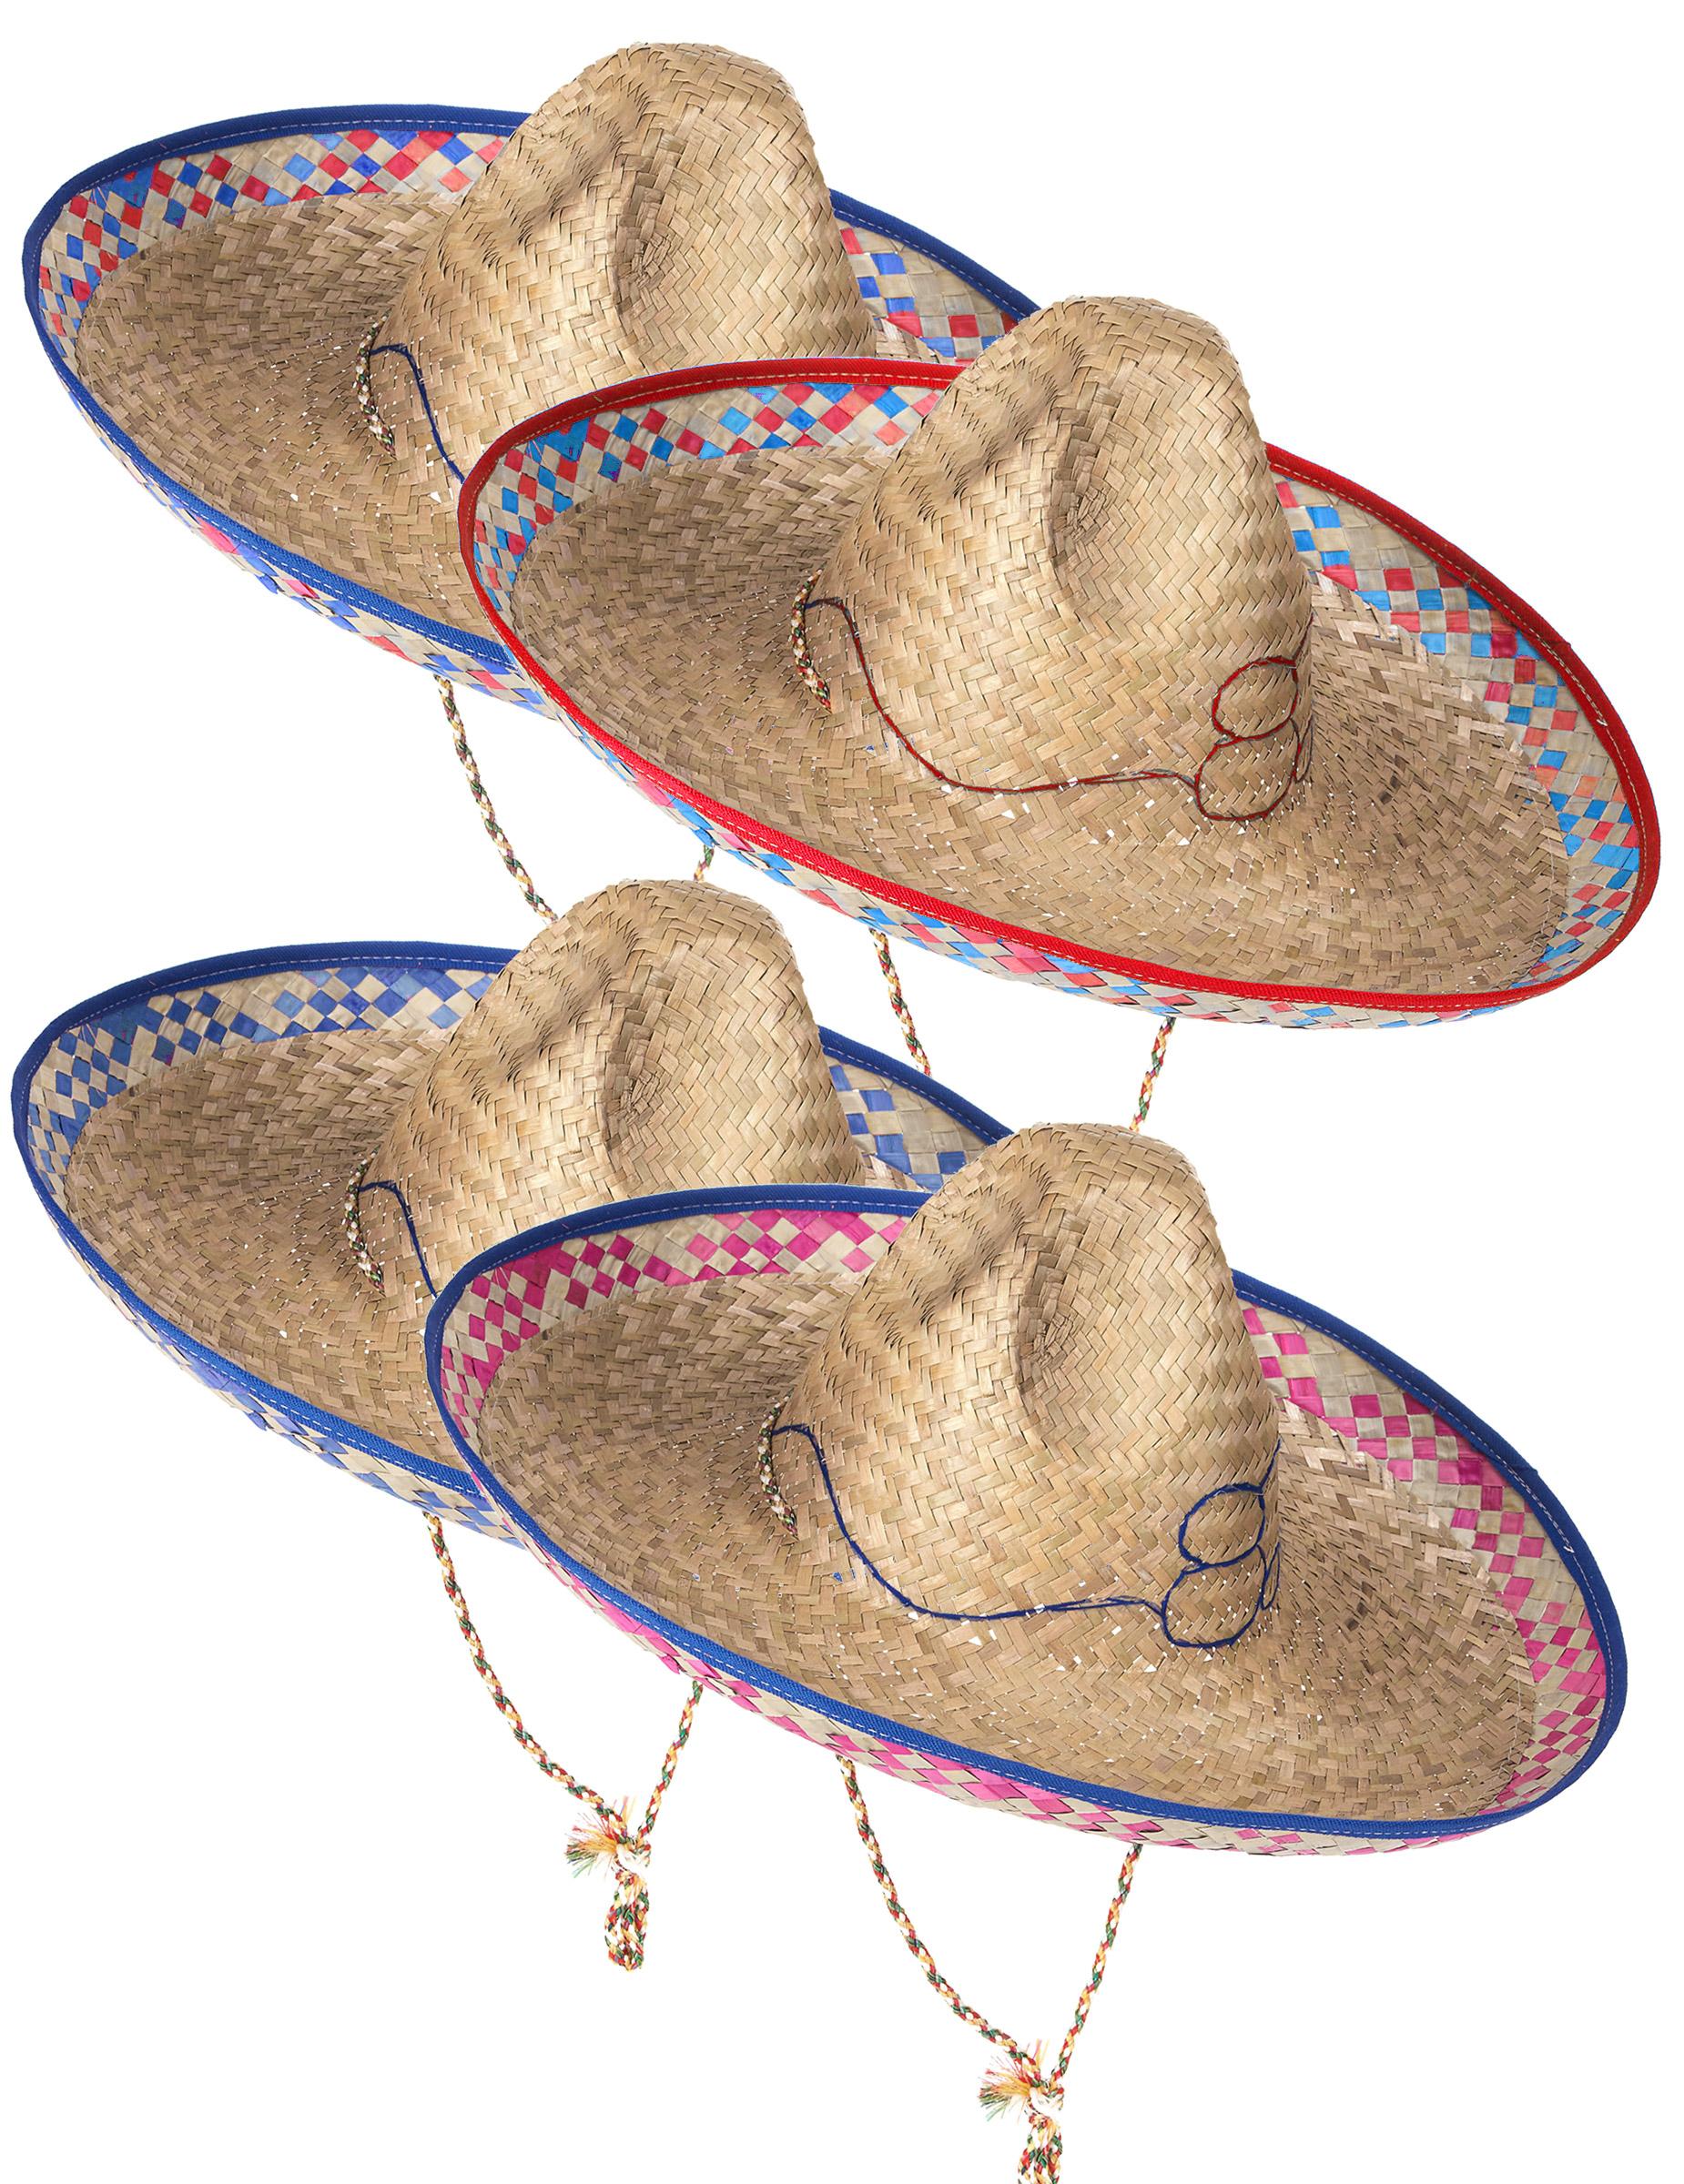 ba5305cde2a4a Sombreros de paja para disfraces adultos y niños - Vegaoo.es